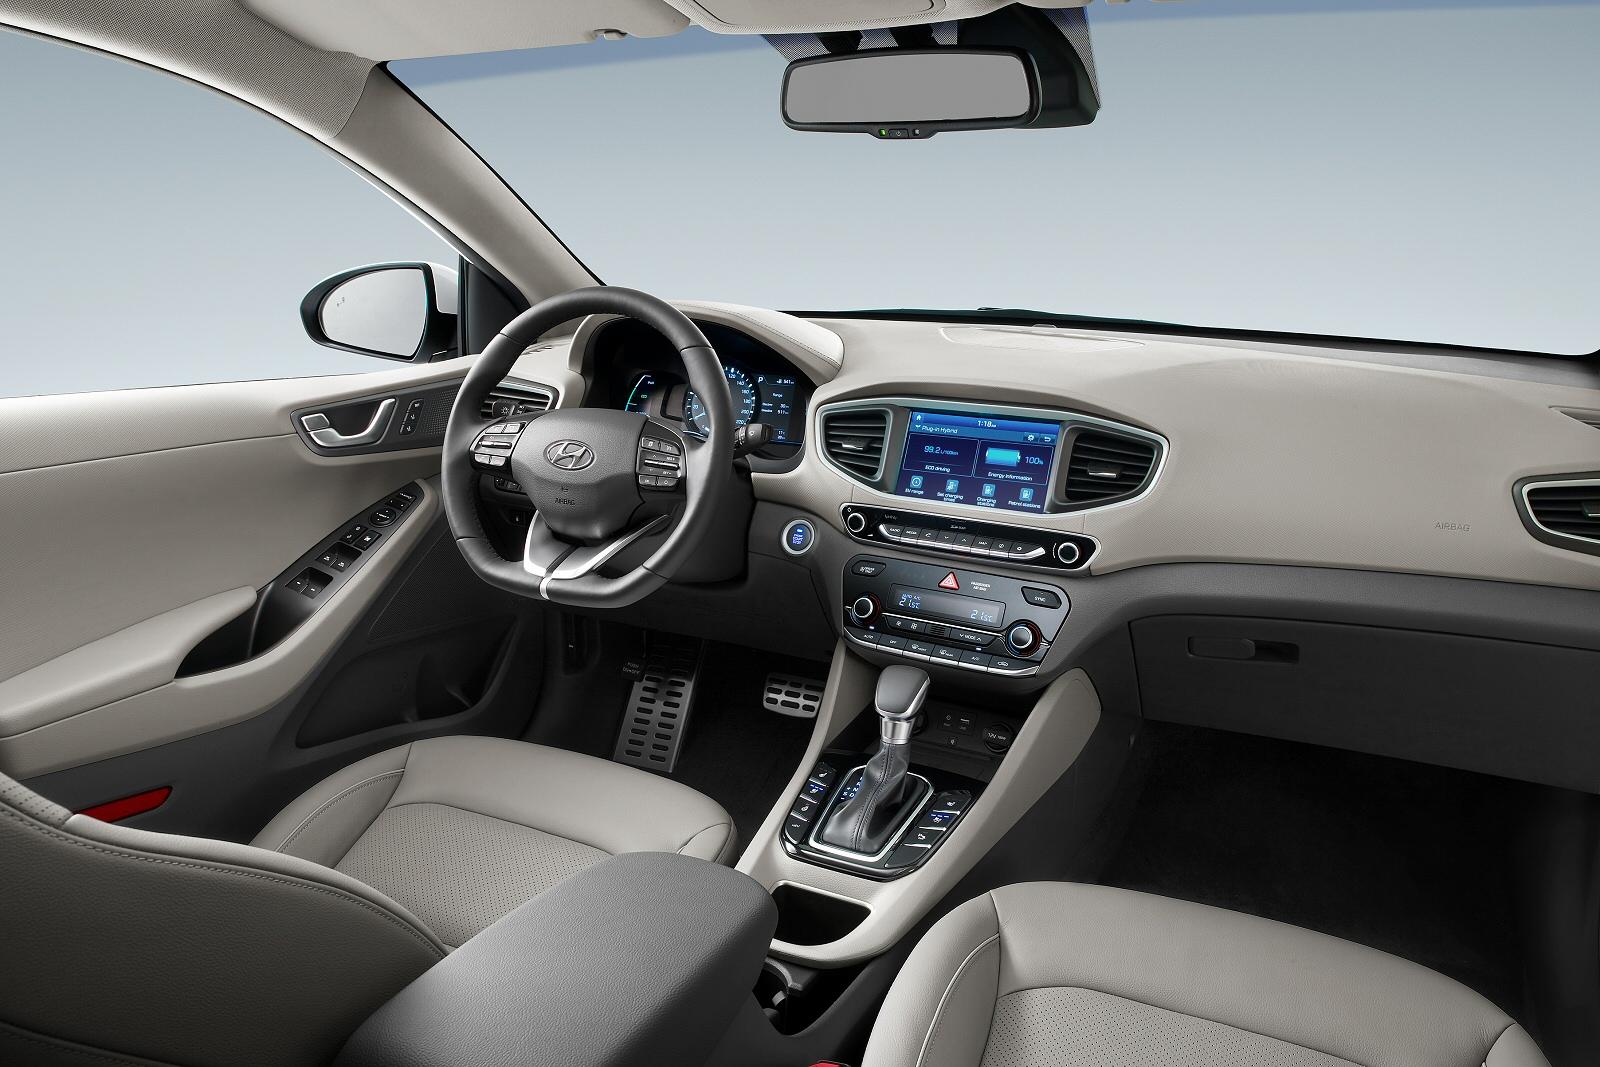 1 6 Gdi Plug In Hybrid Premium Se 5dr Dct Hatchback